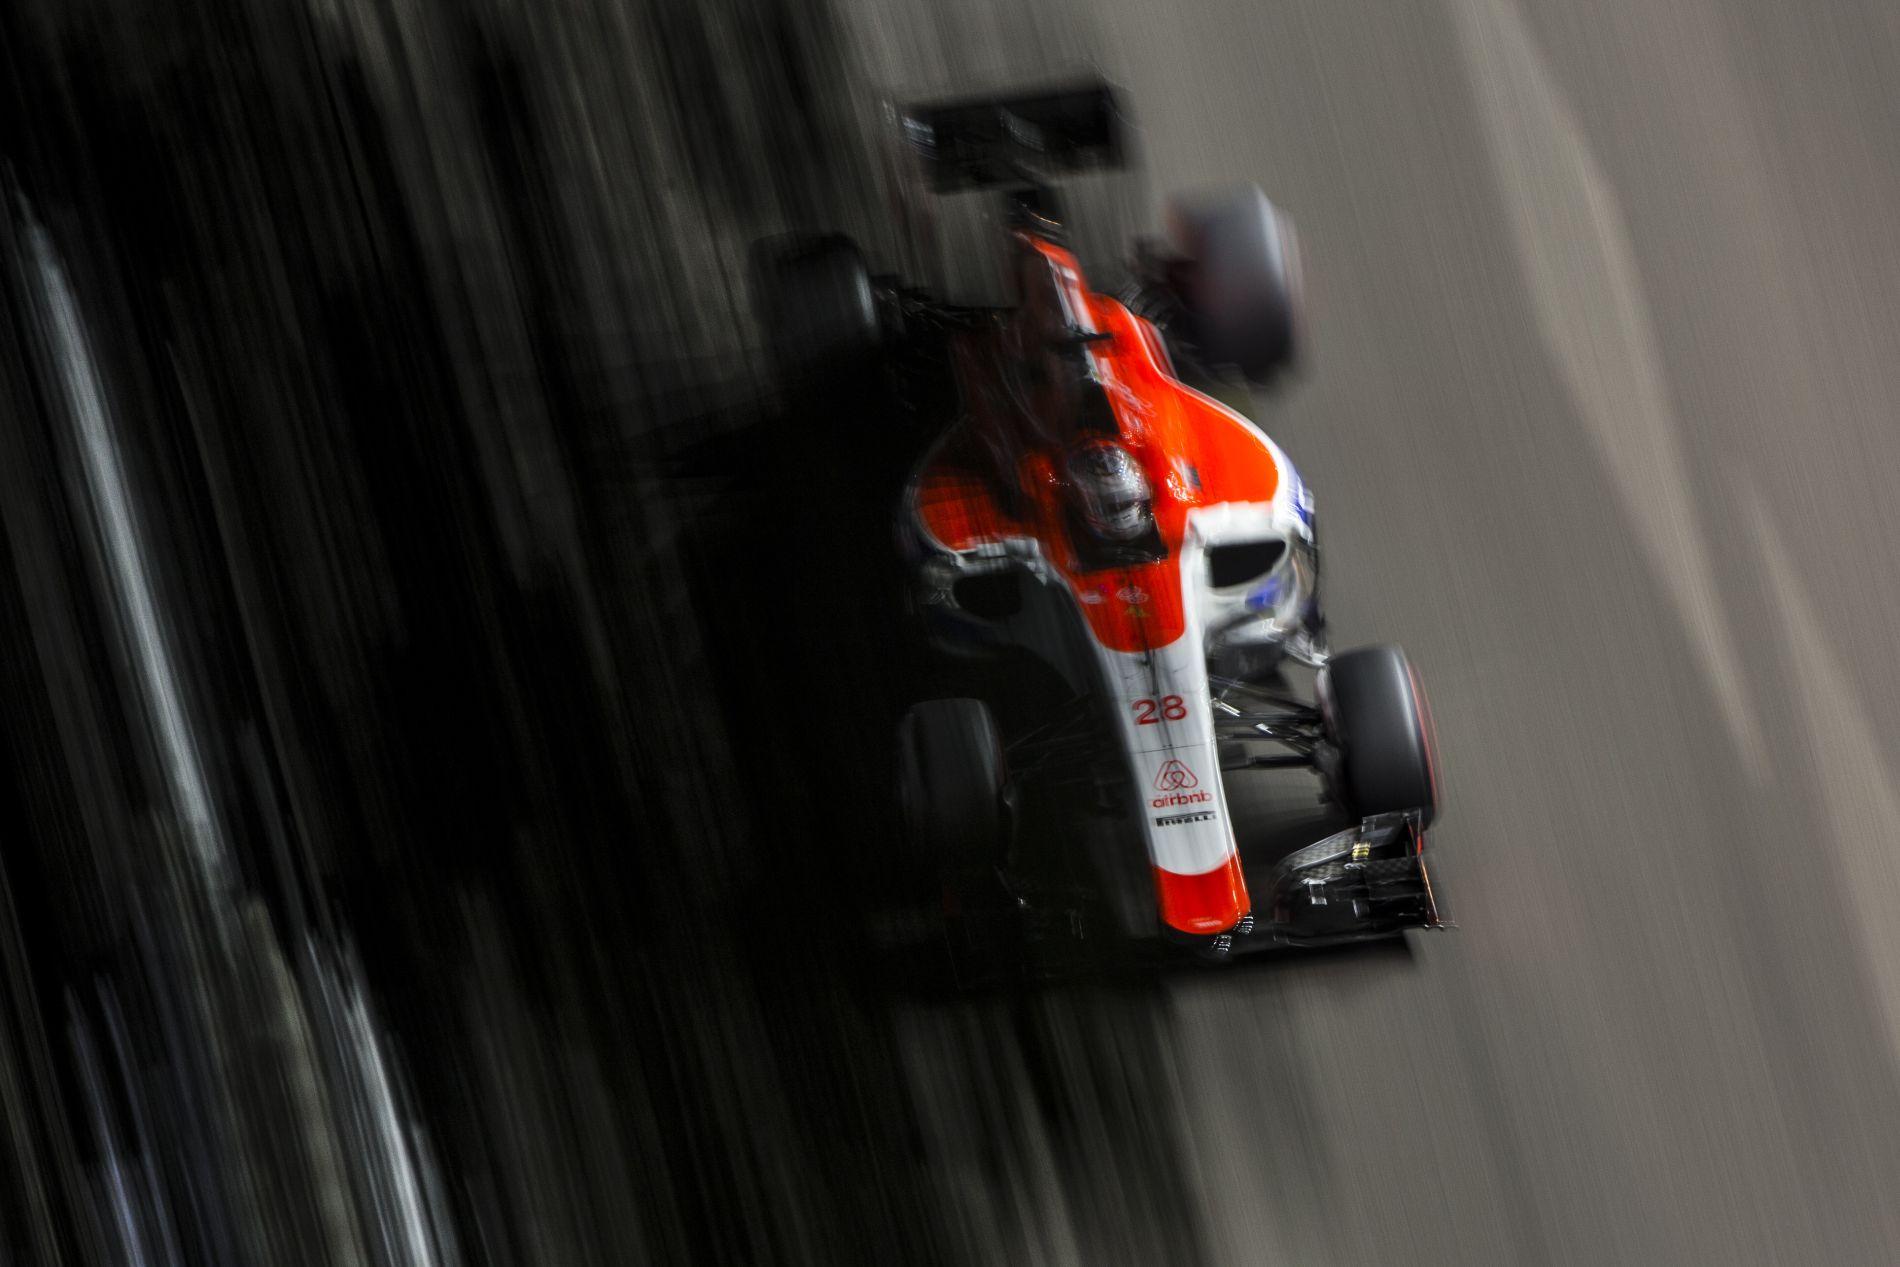 Hivatalos, hogy a Manor Marussia F1 Team a Mercedes motorjaira vált!